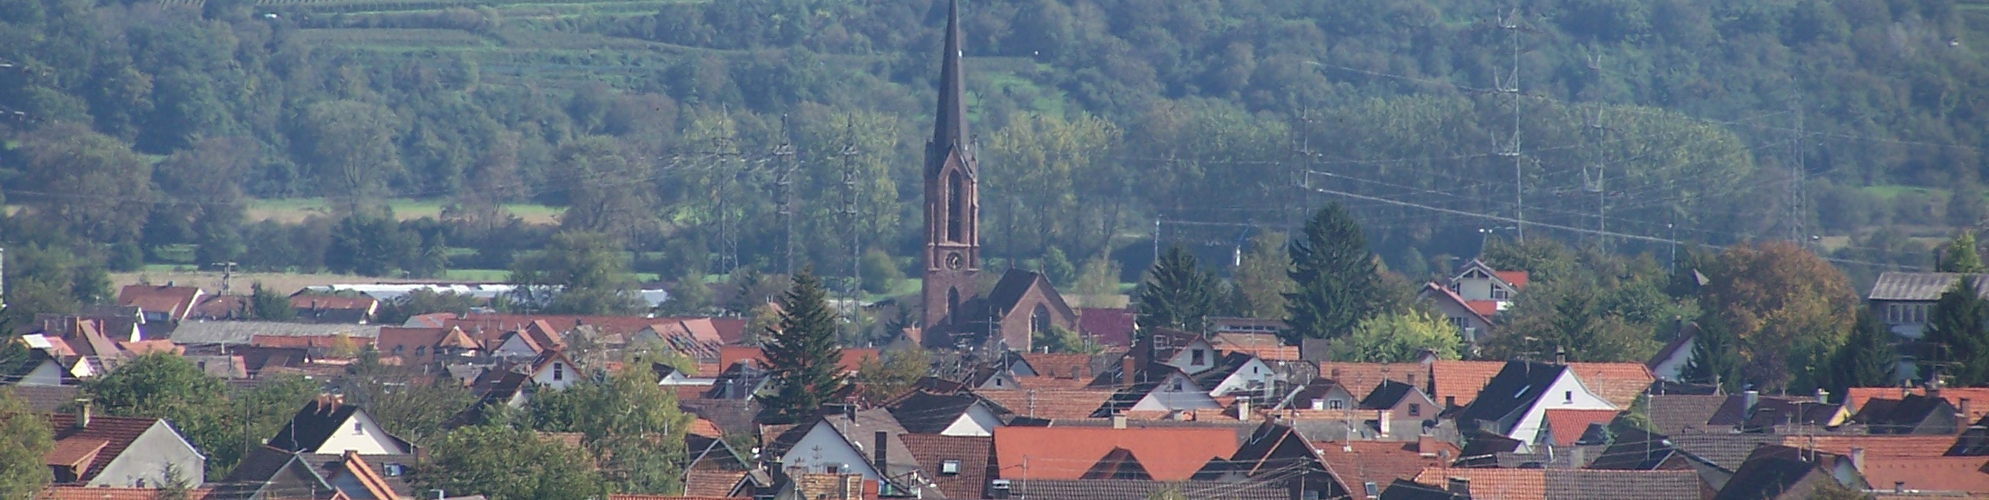 Blick auf Eichstetten - Winzerdorf am Kaiserstuhl